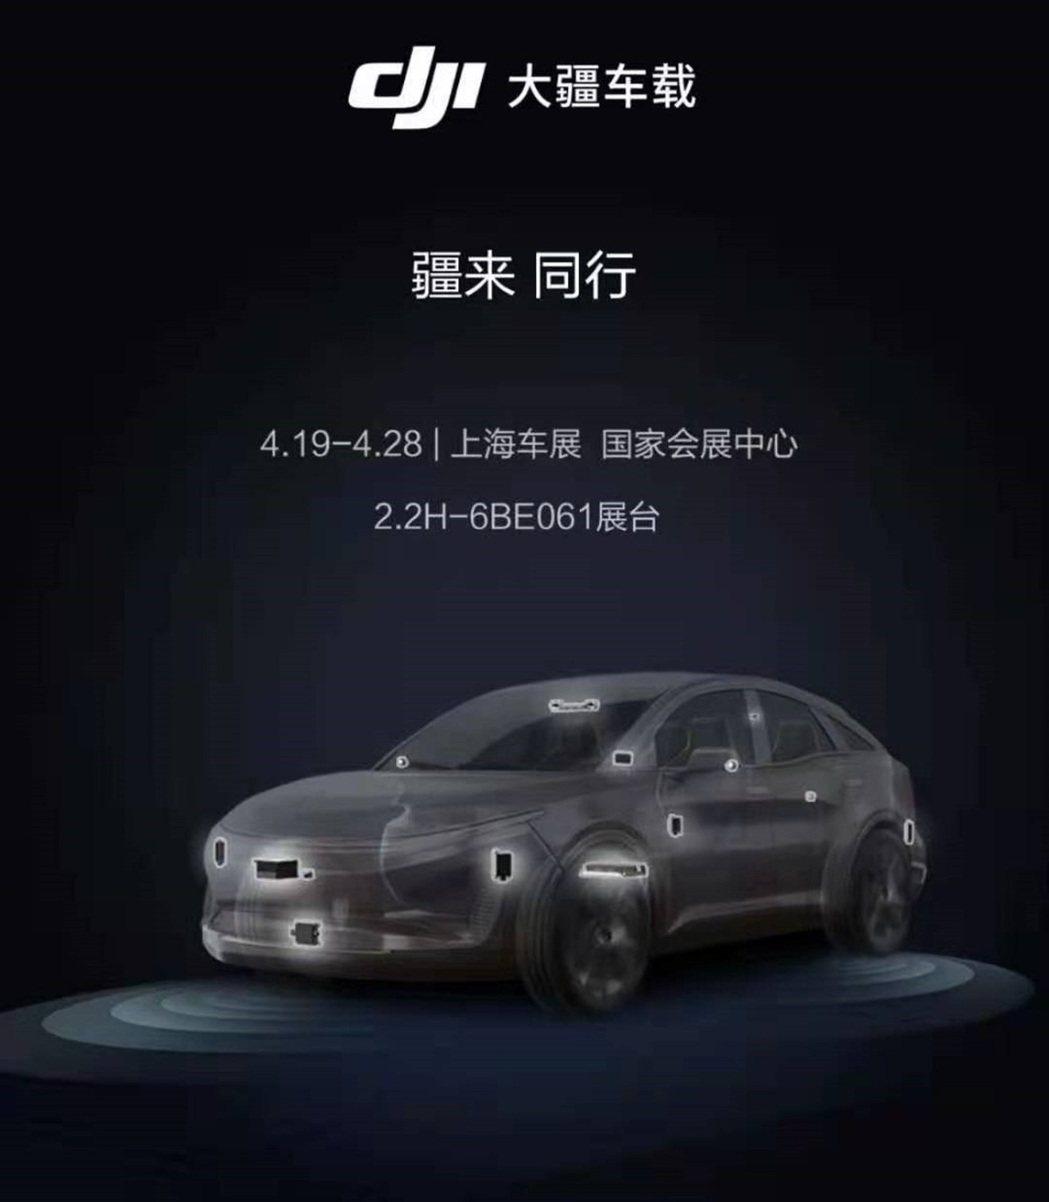 大疆切入汽車賽道,19日發布車載產品。「大疆車載」官微